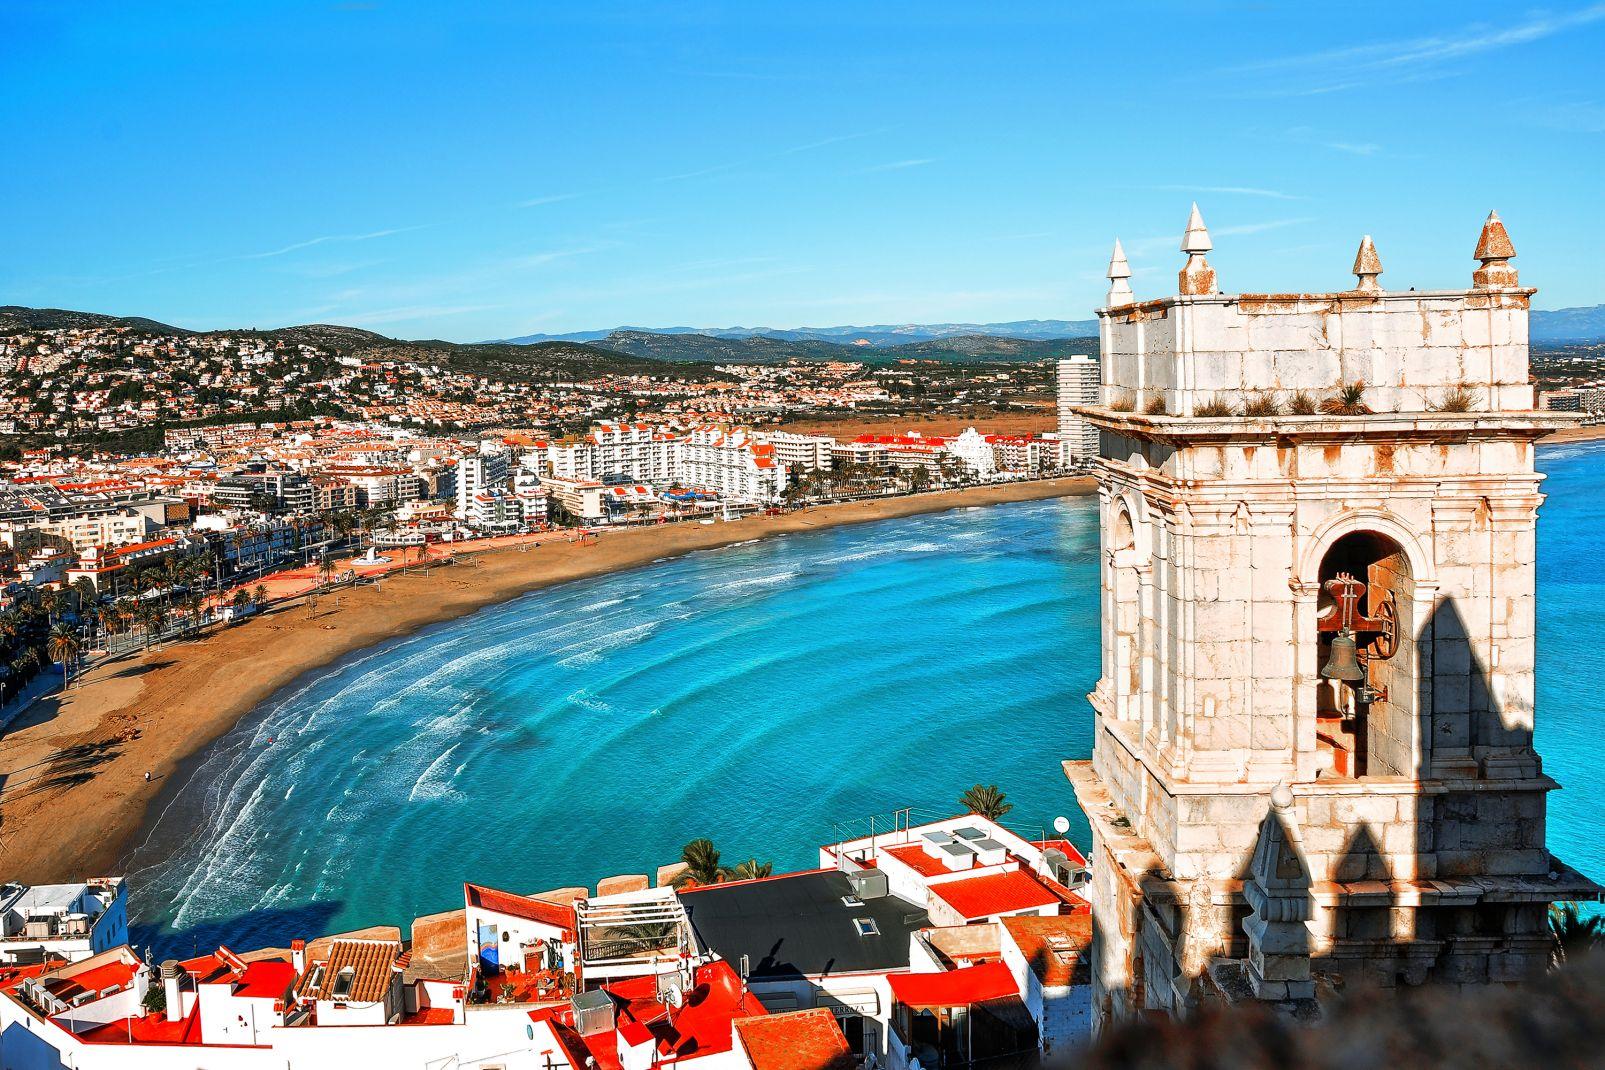 communauté, valence, plage, espagne, Europe, méditerranée, Castellon, Peniscola, plage, Pape, Luna, forteresse